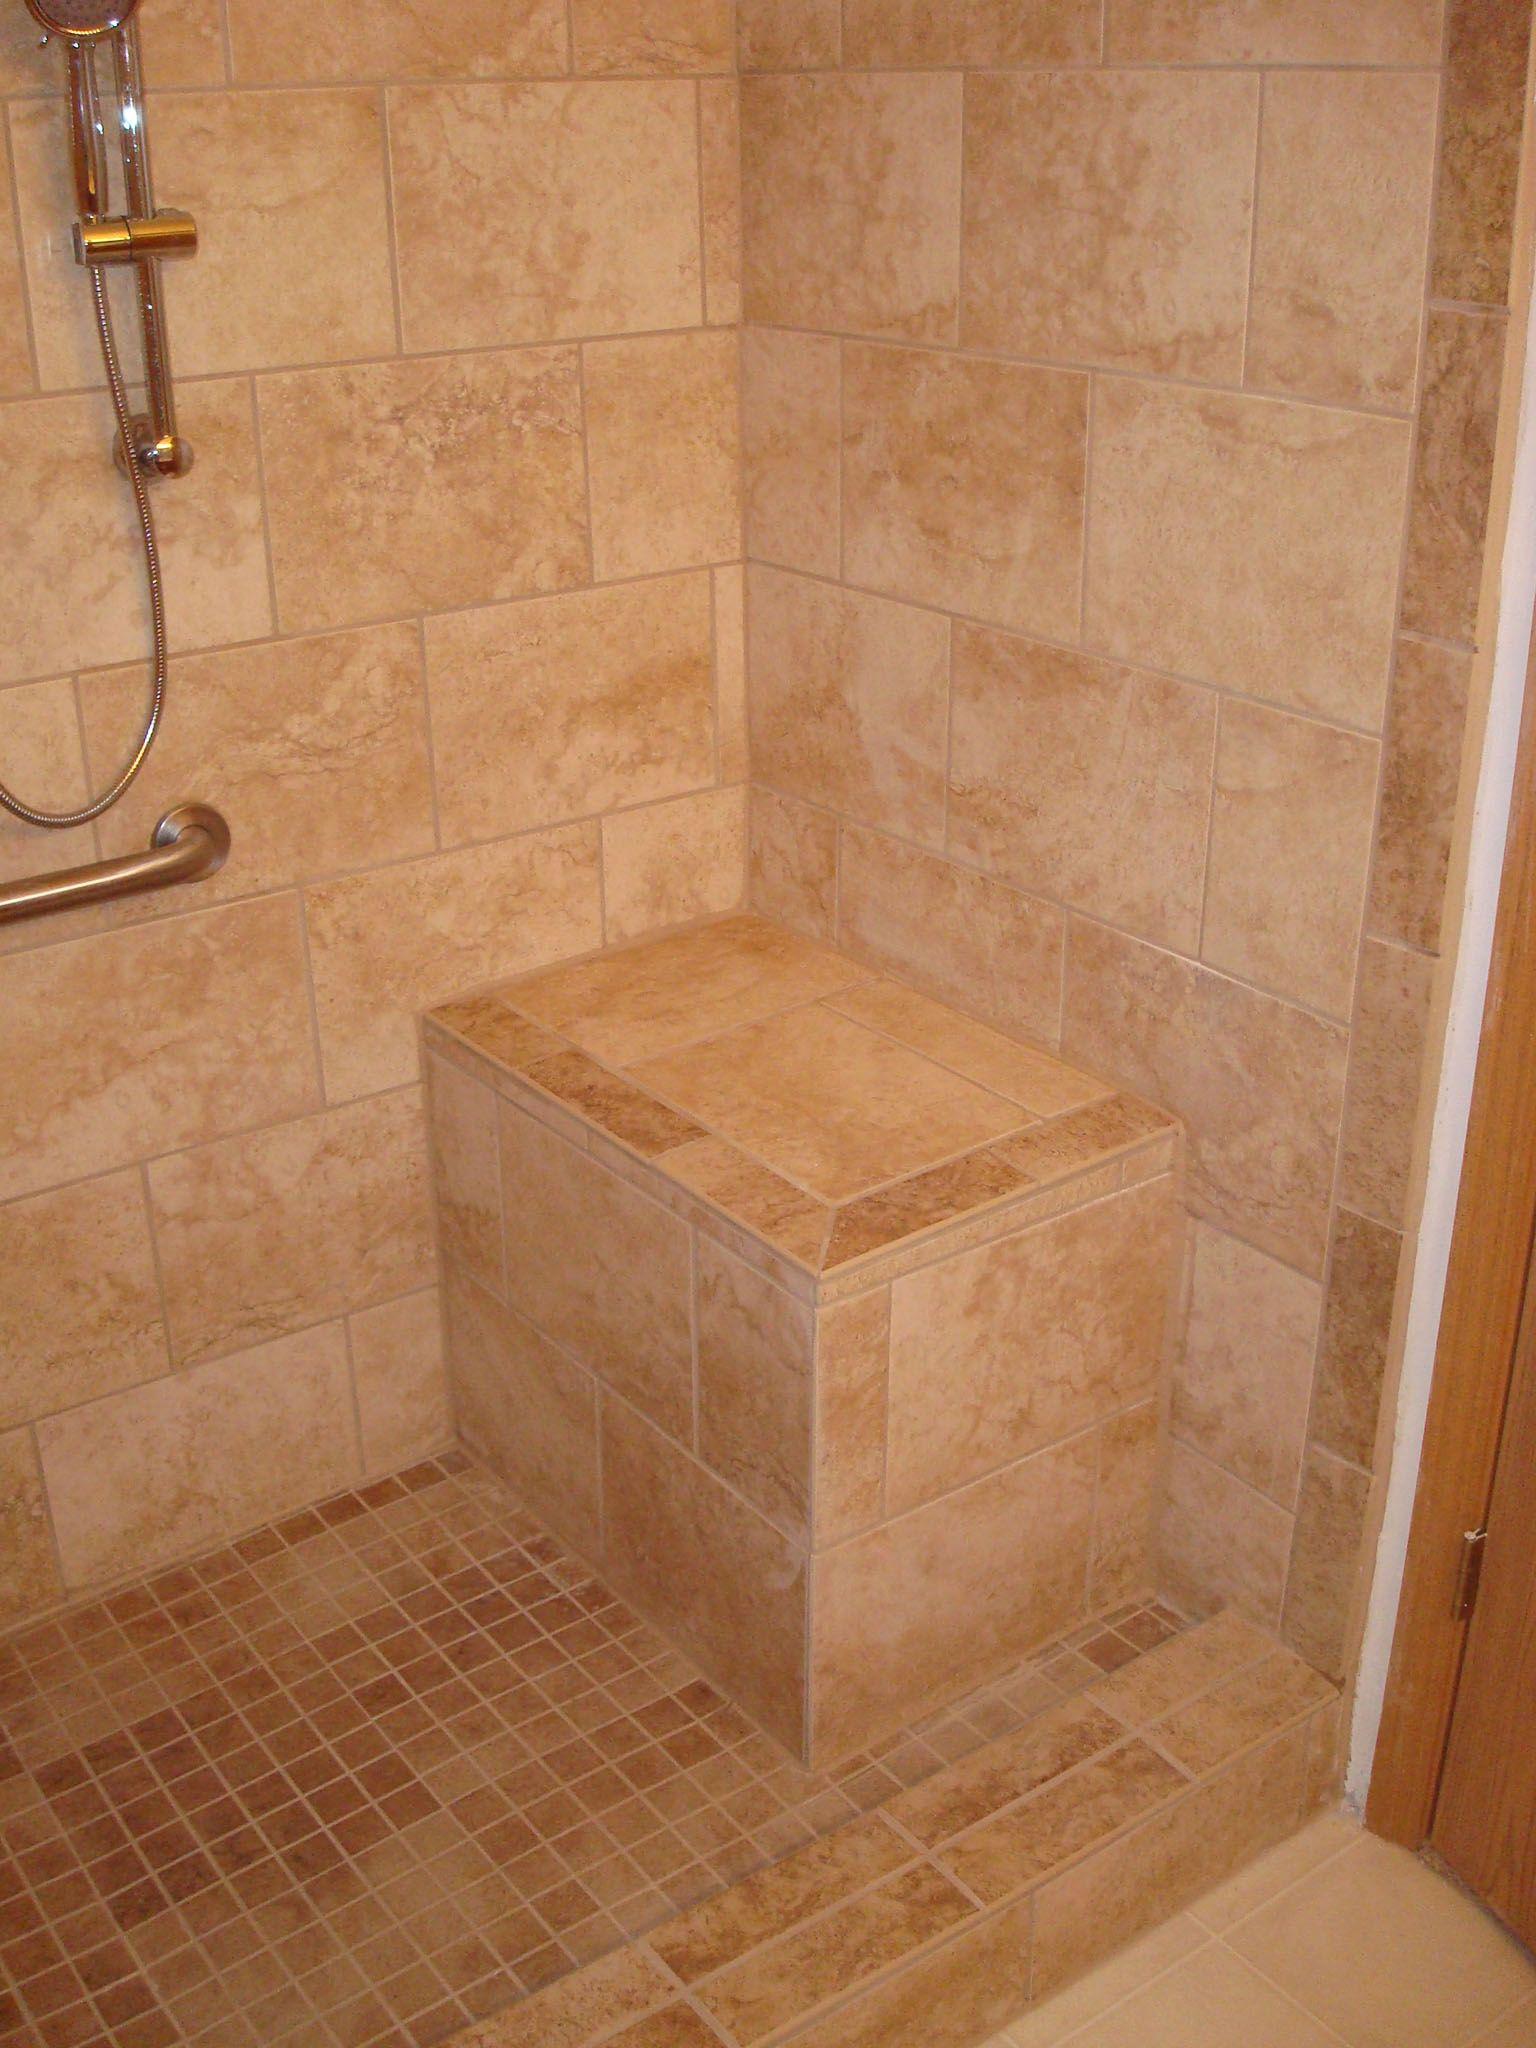 Handicap Bathroom Remodel Halo Construction Services Llc Handicap Bathroom Handicap Bathroom Remodel Bathrooms Remodel